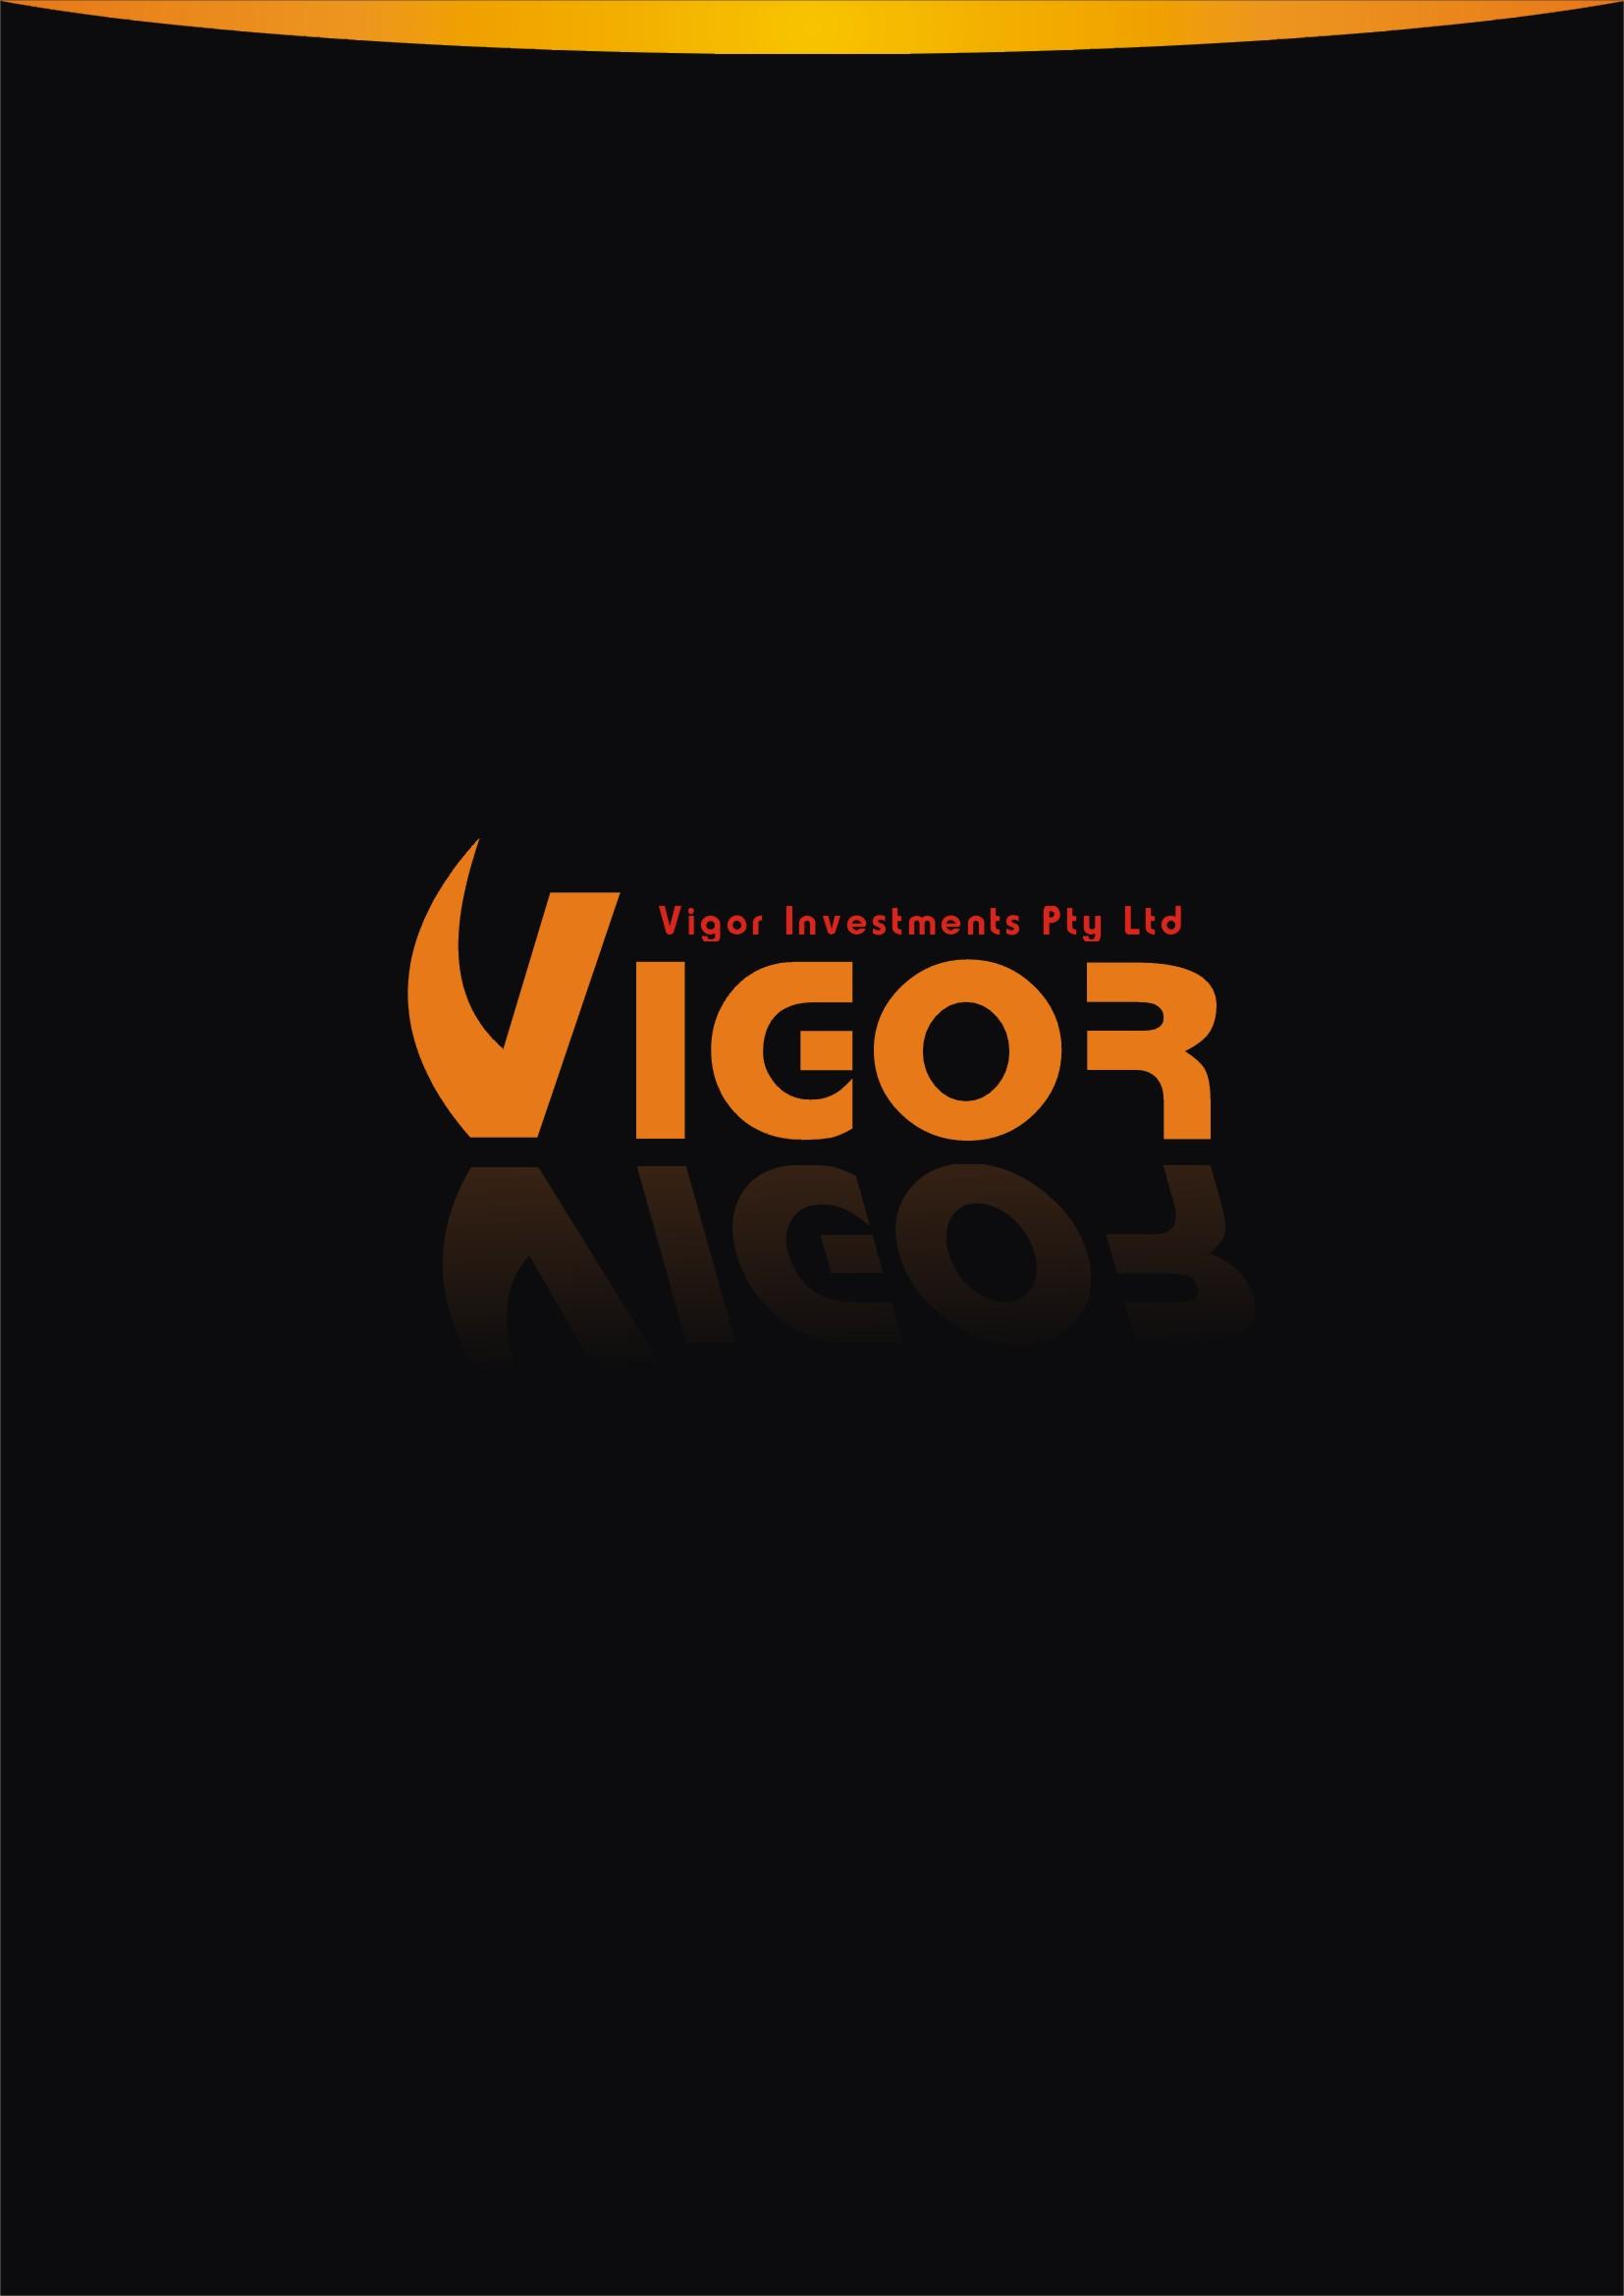 一、任务: 1、公司logo 2、名片设计 3、文头纸设计 二、公司简介: Vigor Investments Pty Ltd是澳大利亚独资,从事房地产交易,开发和投资的公司。 公司全名为:Vigor Investments Pty Ltd 三.设计要求: 设计作品整体应体现1.持久发展 2.活力,积极向上 3..国际化的公司定位(纯英文或图形,不可含中文字及拼音等)。 (一) LOGO部分: 设计要求: 1、LOGO 以橙,红等暖色为主 2、以简洁有力,可结合英文公司名进行设计,由创作者自由发挥。 3、